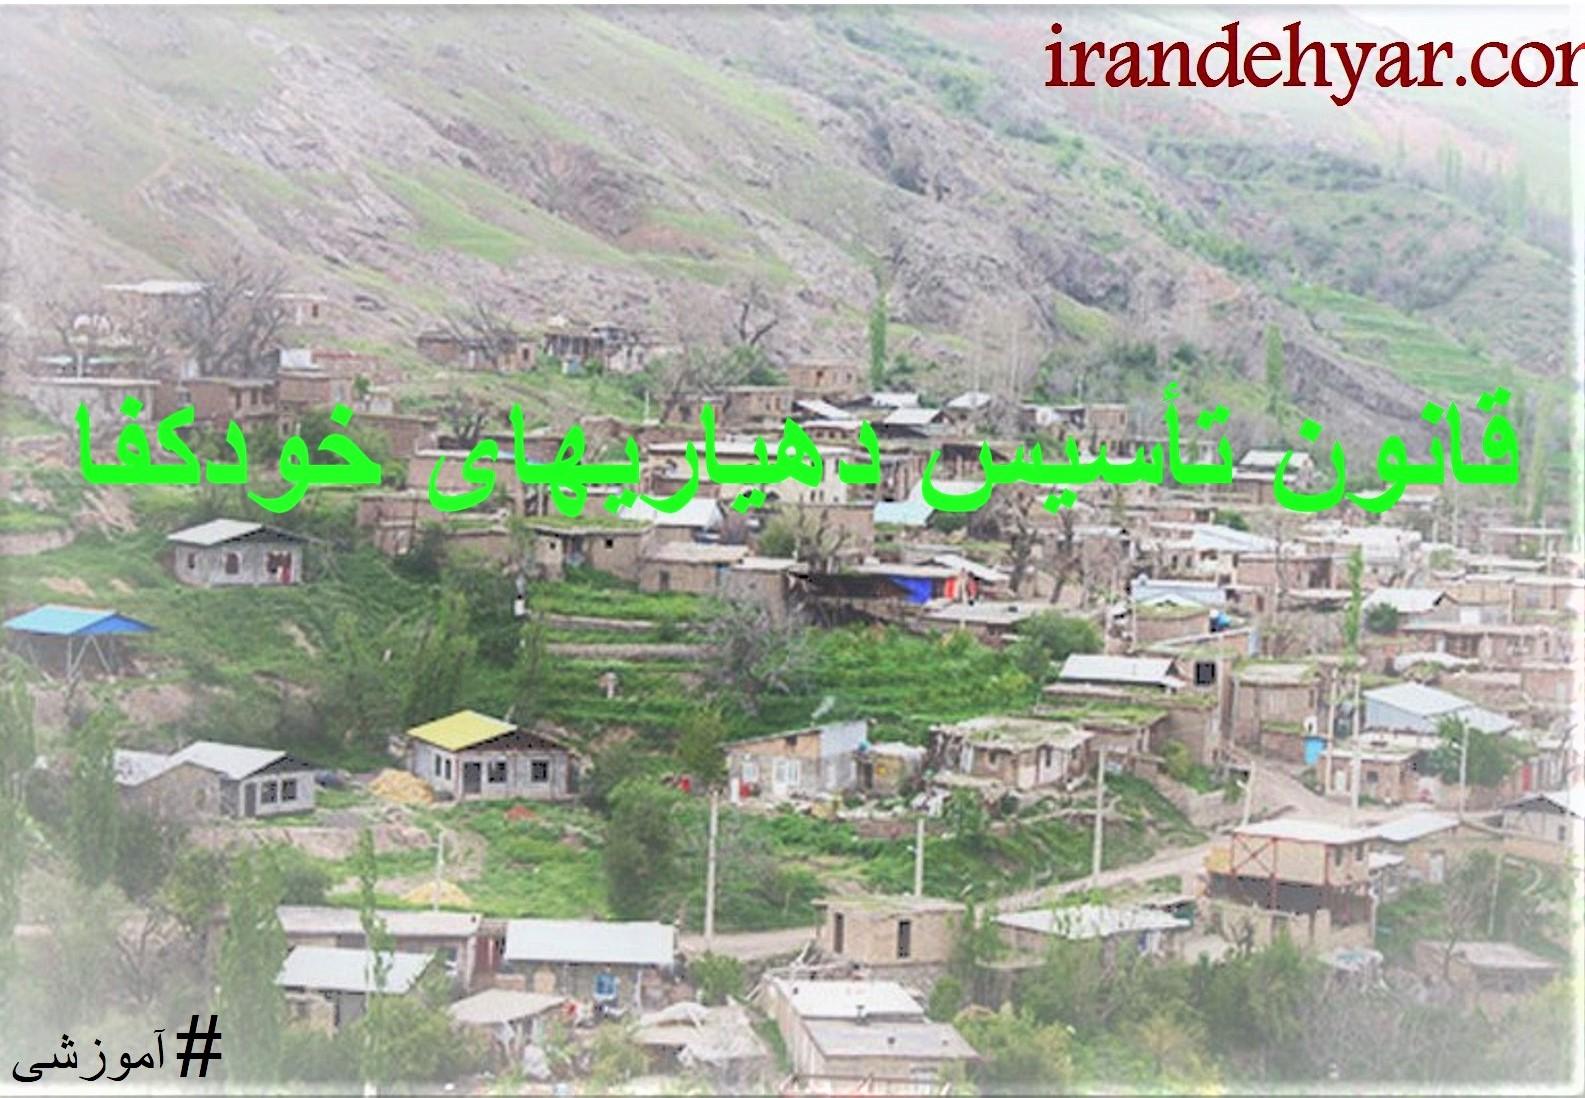 قانون تأسیس دهیاریهای خودکفا در روستاهای کشور